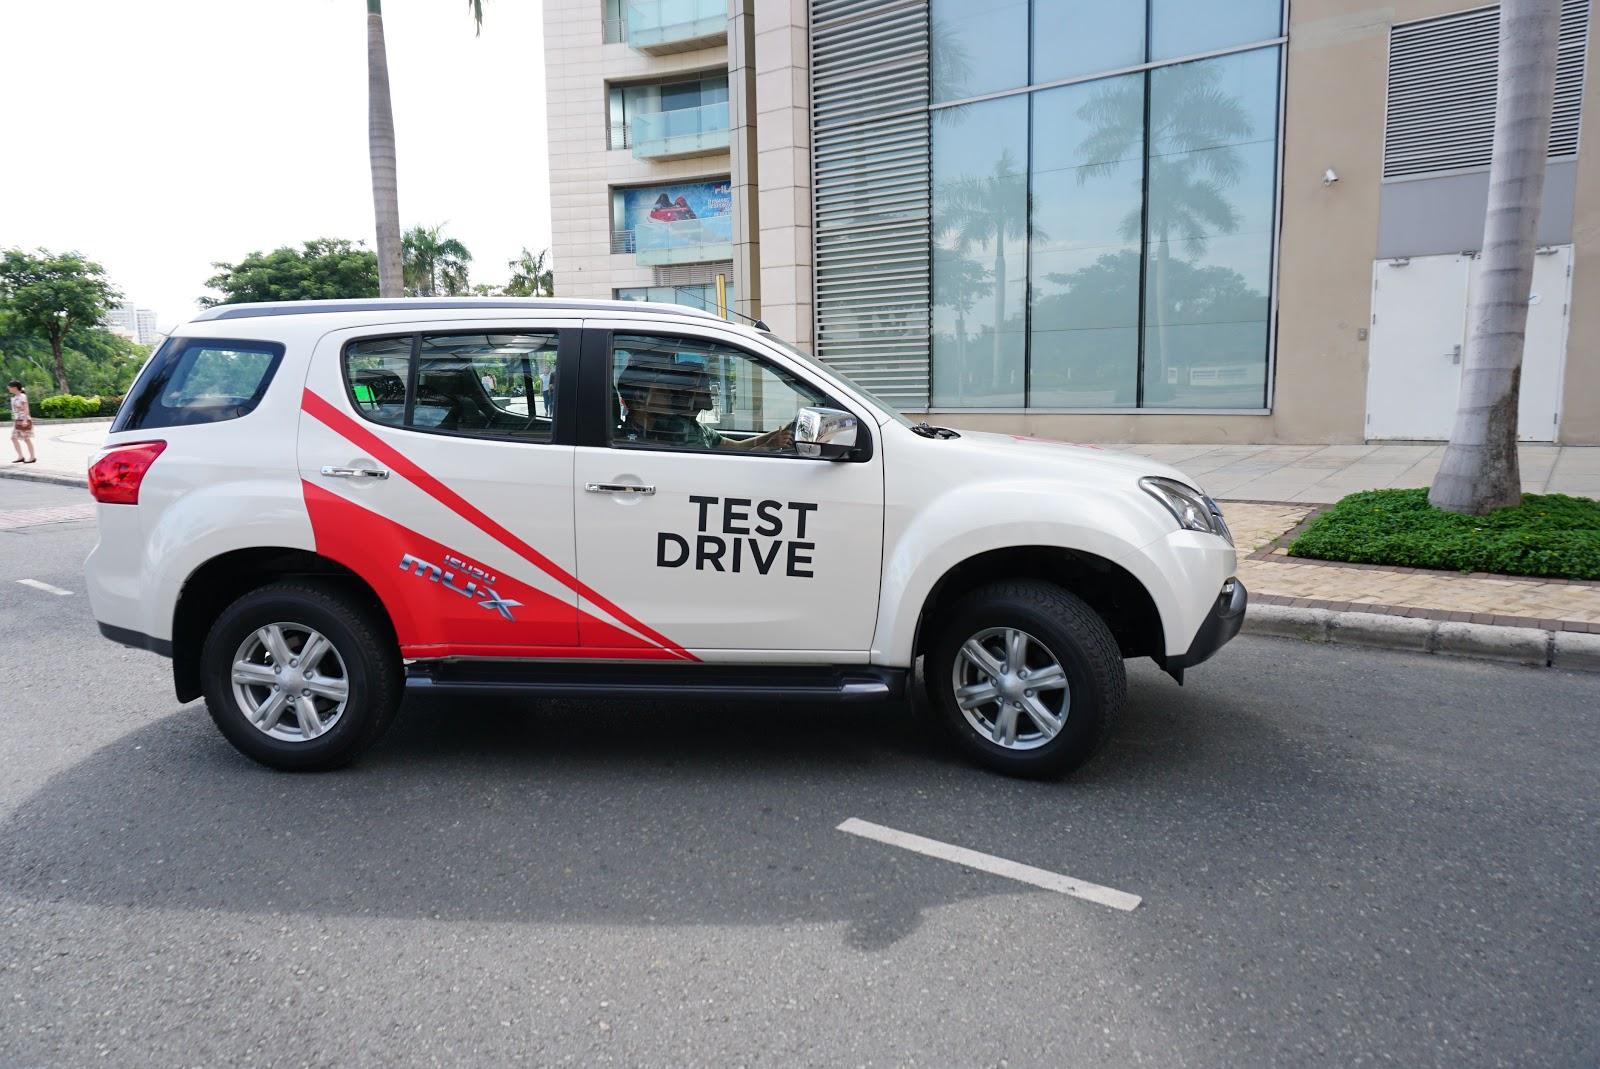 Isuzu MU-X 2016 sẽ đánh dấu sự trở lại của Isuzu trong thị trường SUV gia đình